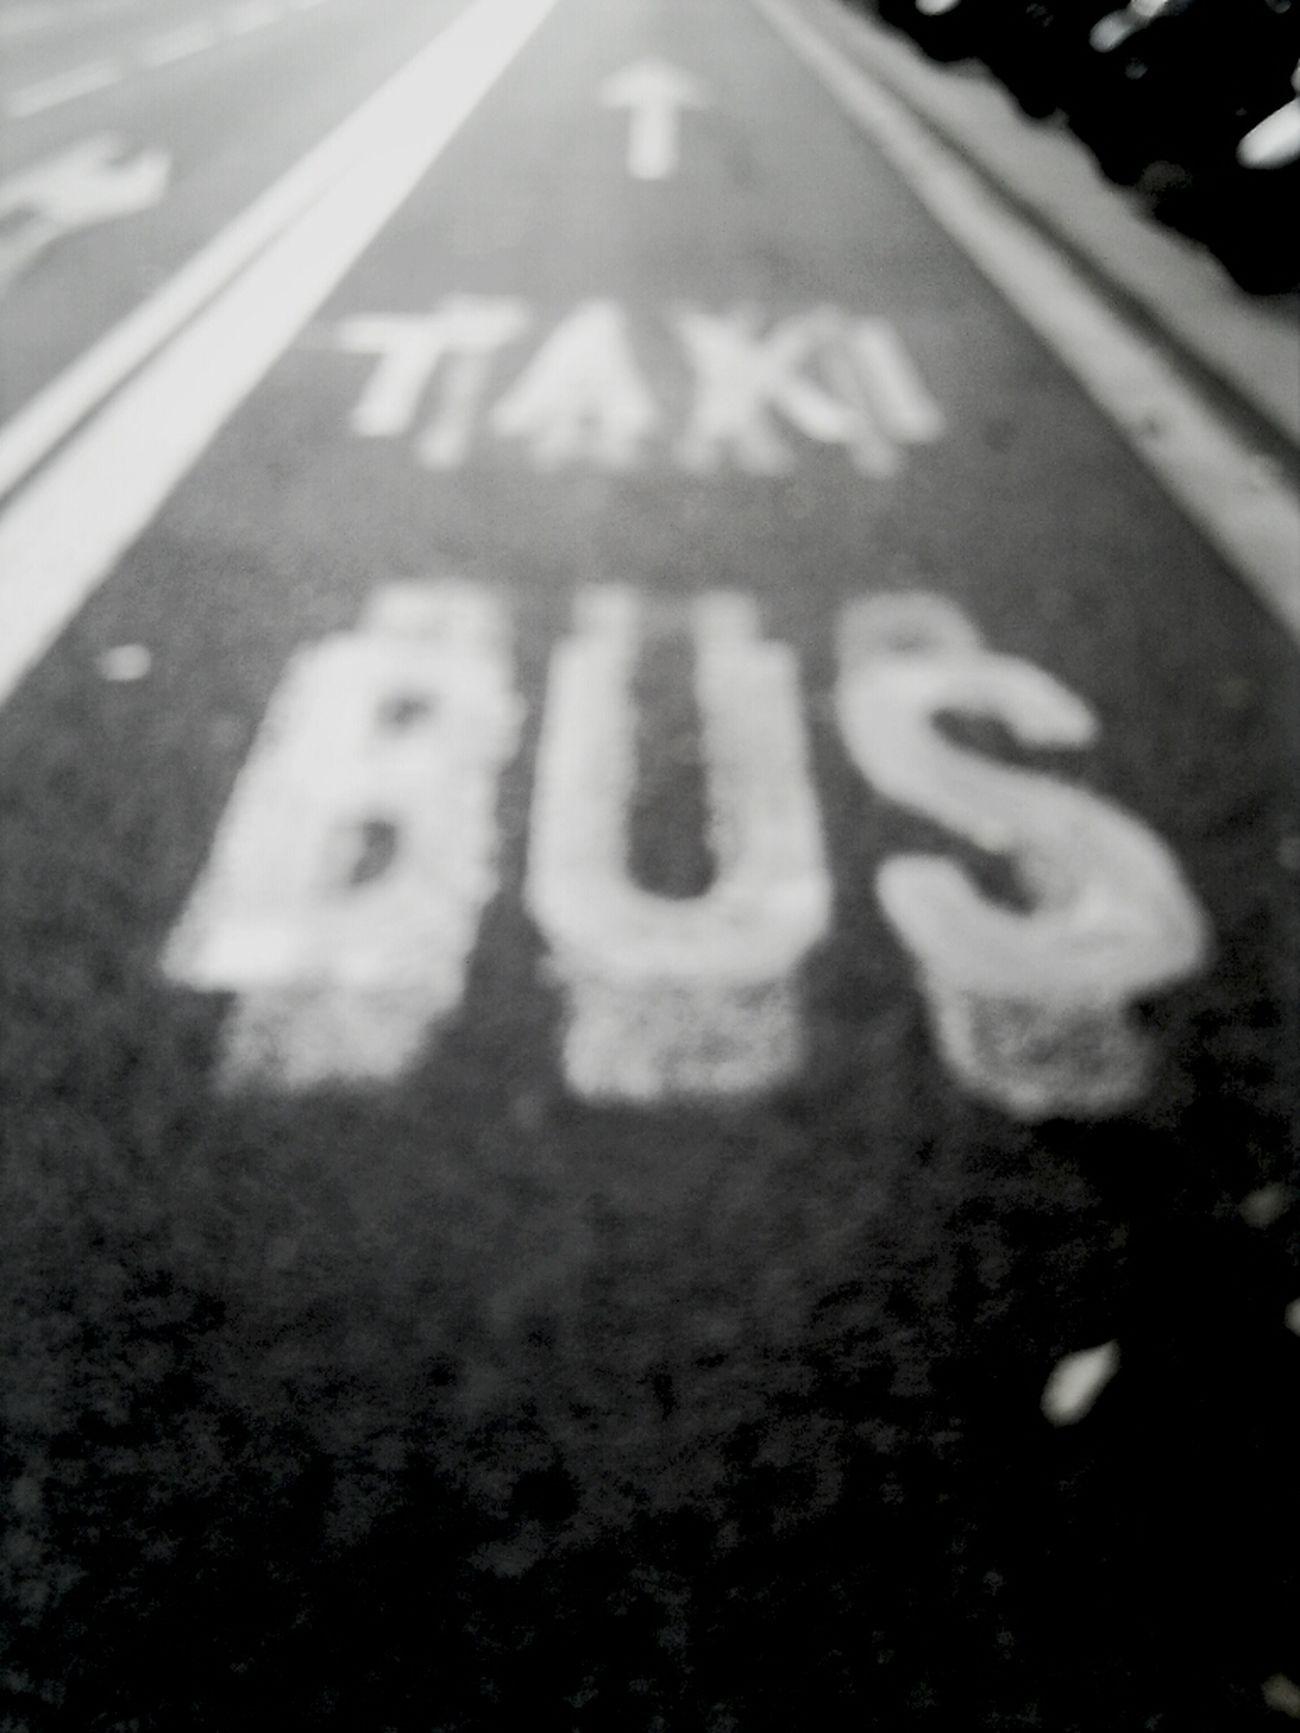 Taxi/bus